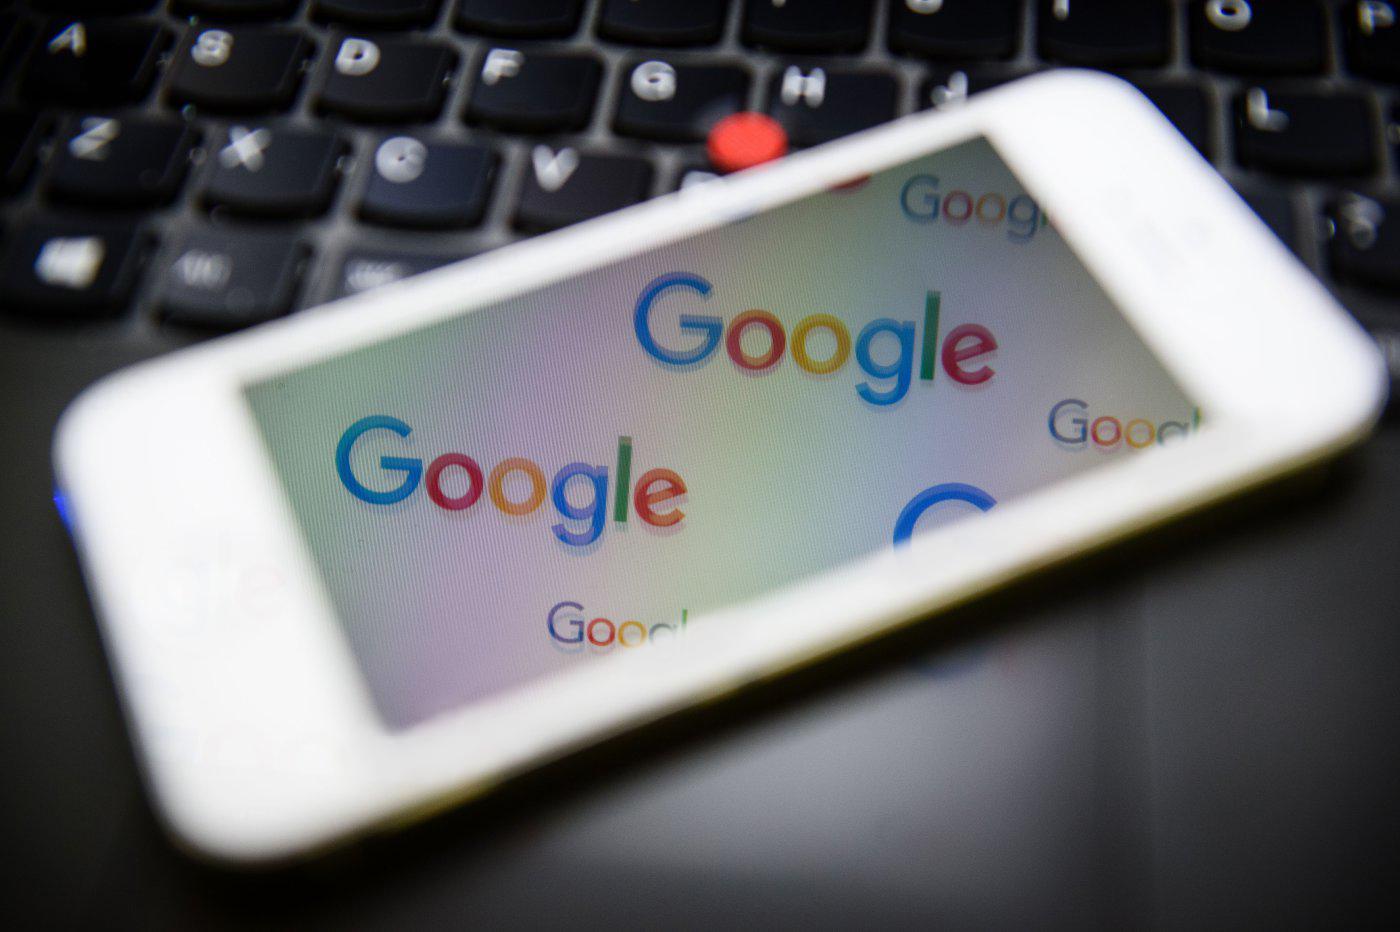 صورة جوجل تقول ان 75% من حركة البيانات الخاصة بها على الويب اصبحت مشفرة